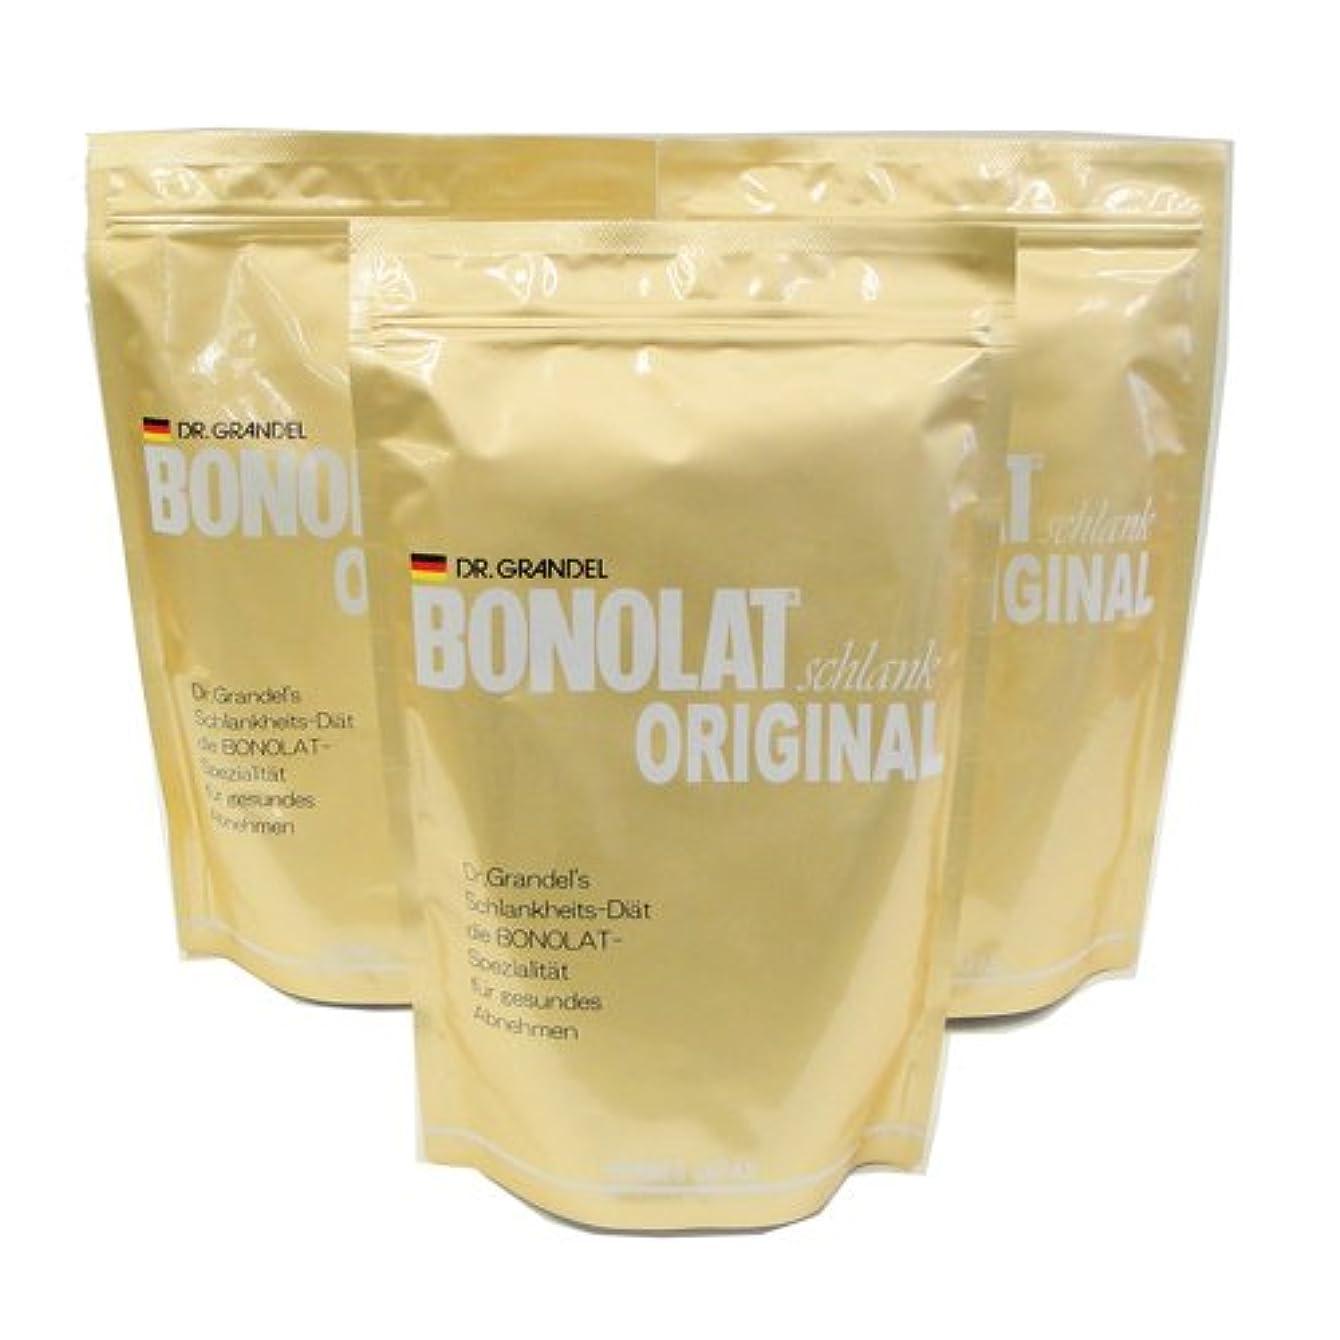 仮装オッズ対処ボノラート 600g×3袋セット(30g×60杯)無添加 乳プロテイン 置き換え シェイク